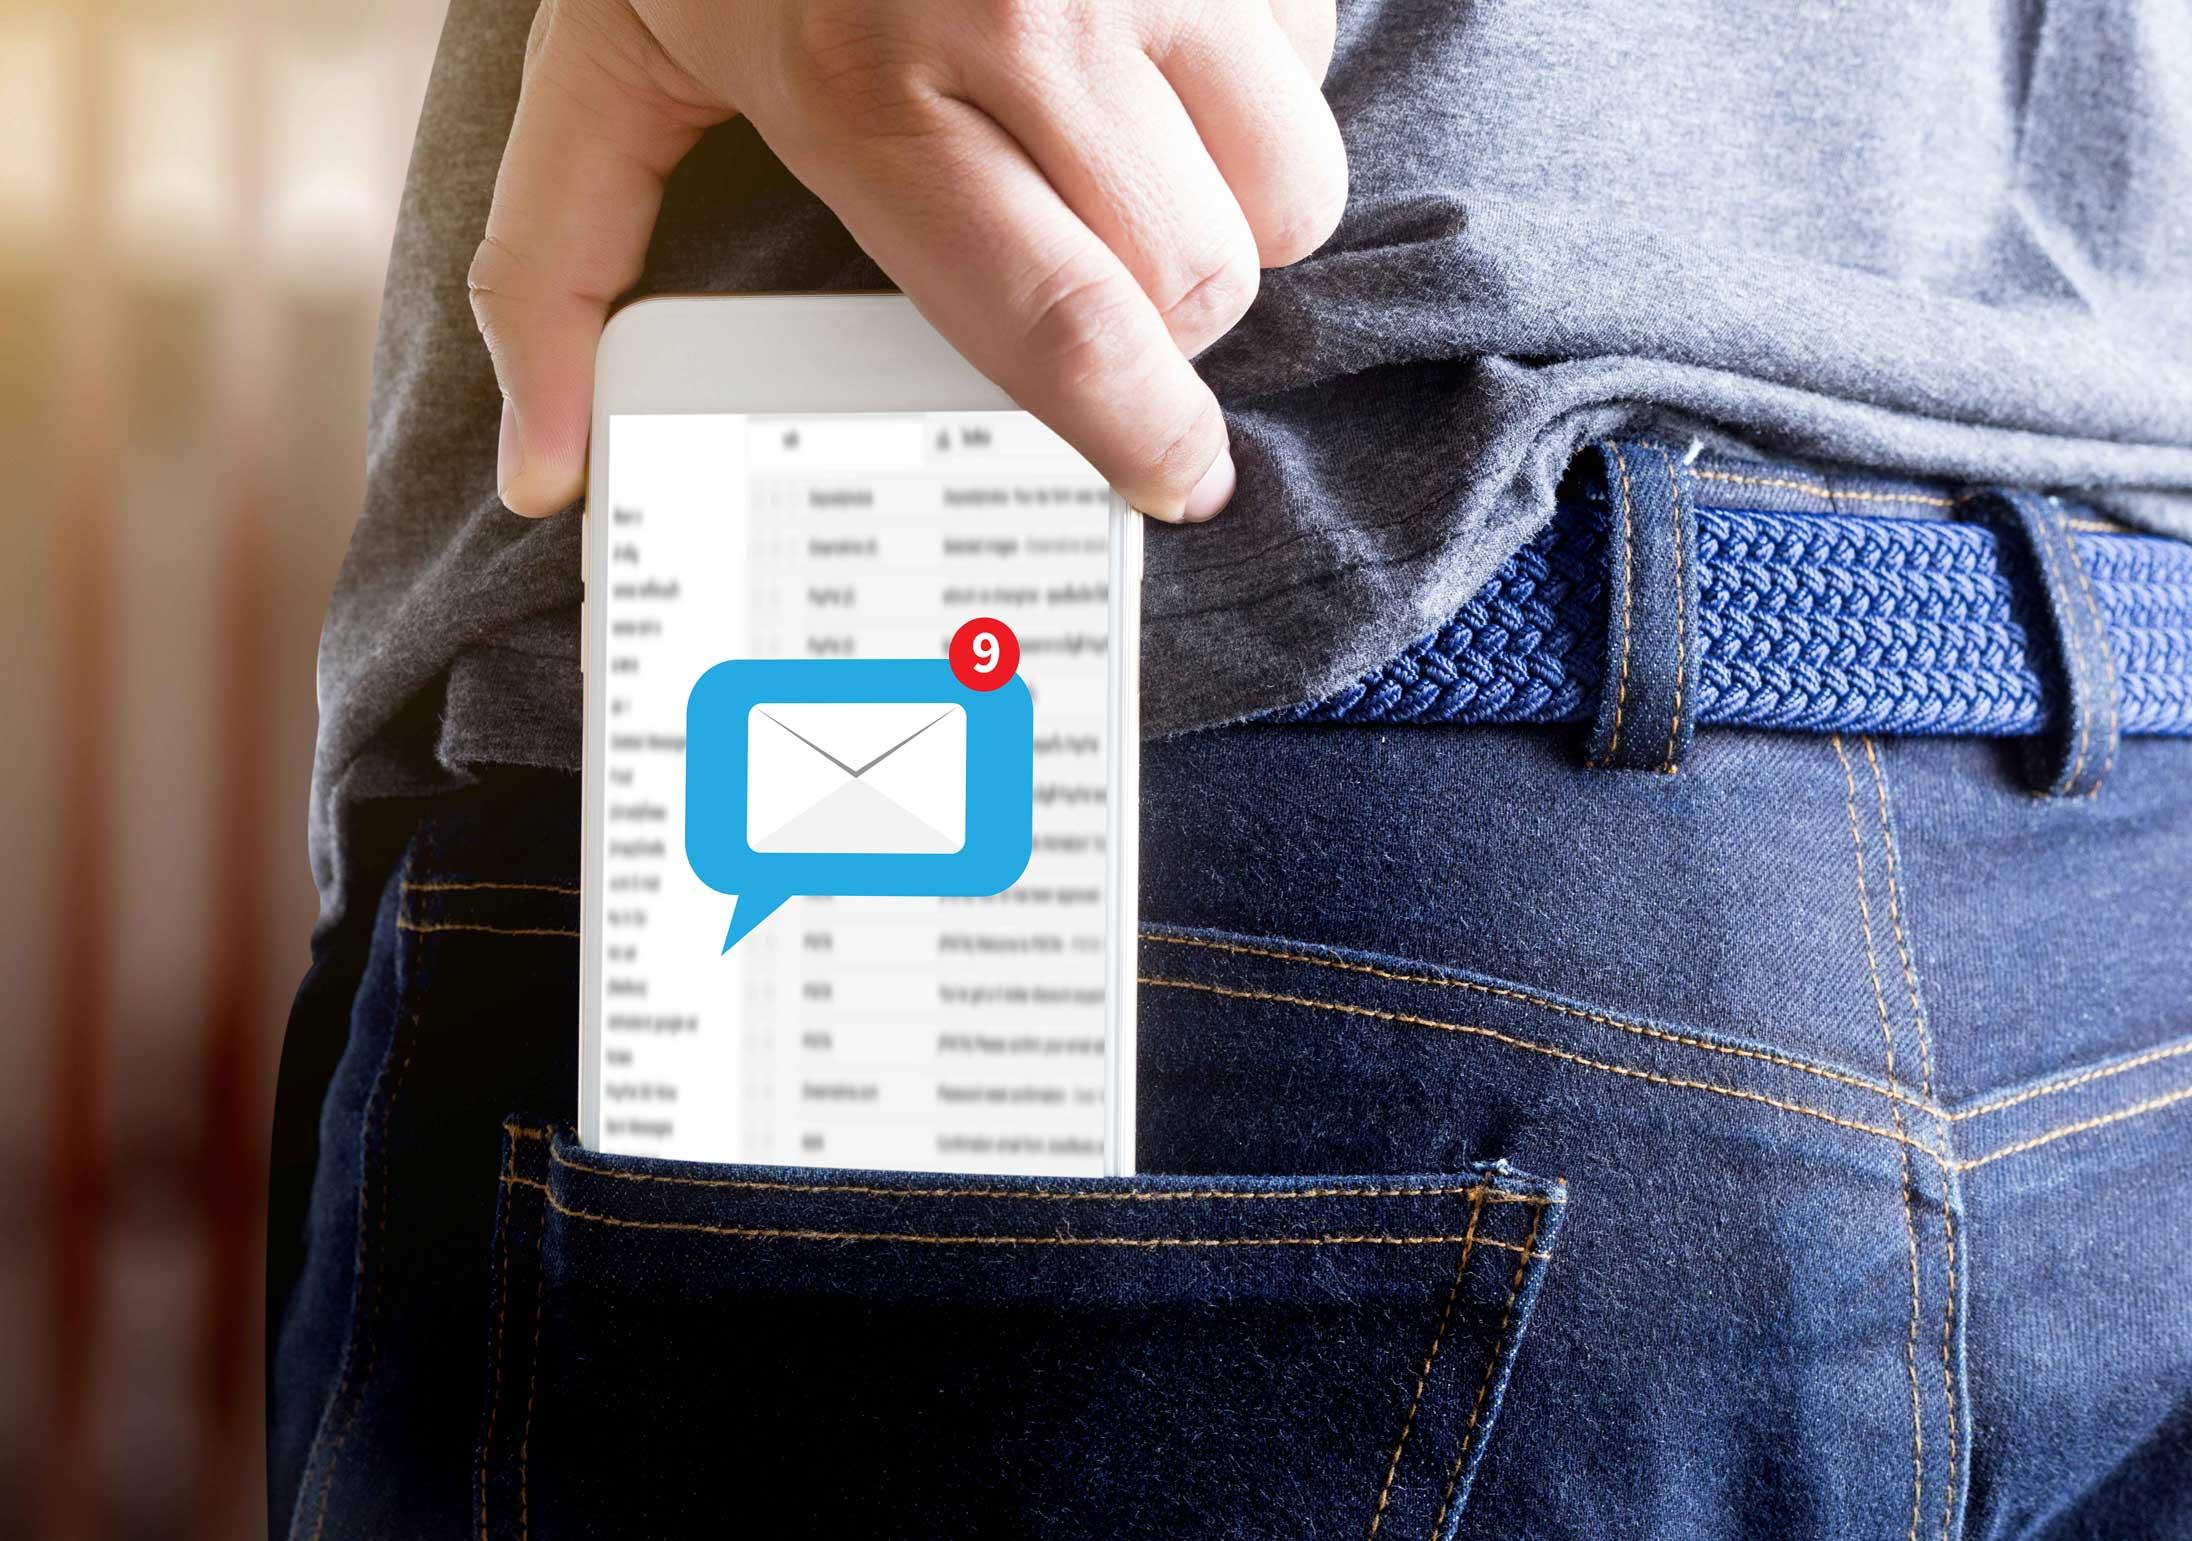 Móvil sacándose de bolsillo con notificación de nuevo mensaje